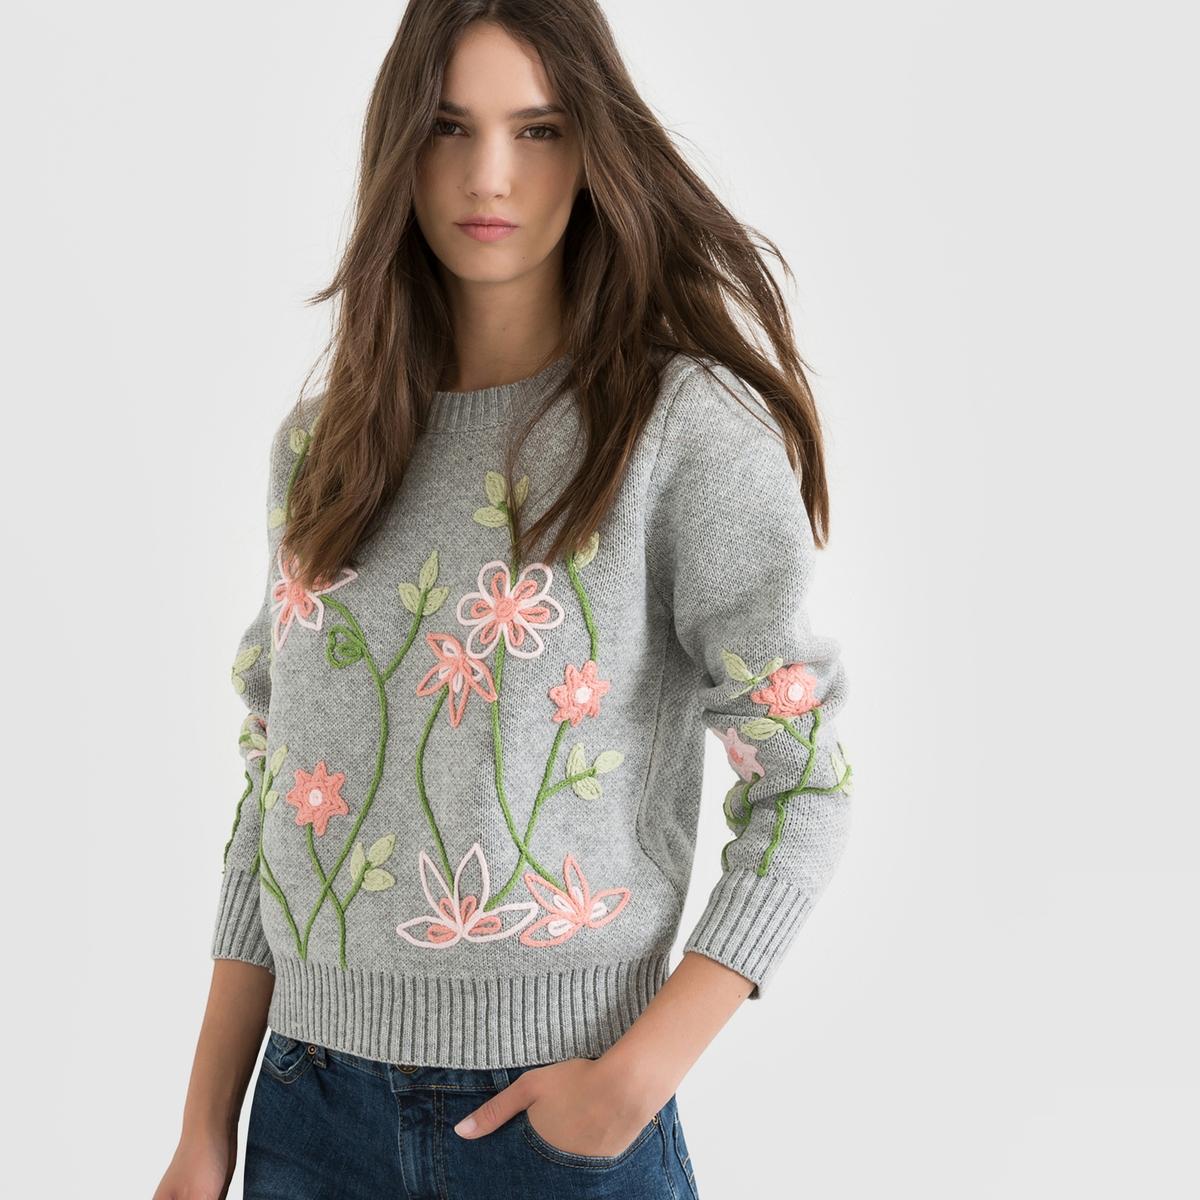 Пуловер с круглым вырезом и вышивкой цветыПуловер MOLLY BRACKEN. Меланжевый трикотаж и оригинальная вышивка цветы спереди и на рукавах. Края низа, выреза и манжет связаны в рубчик. Укороченный покрой. Состав и описание :Материал : 65% акрила, 35% шерстиМарка : MOLLY BRACKEN.Уход :Ручная стирка<br><br>Цвет: серый<br>Размер: 38/40 (FR) - 44/46 (RUS)